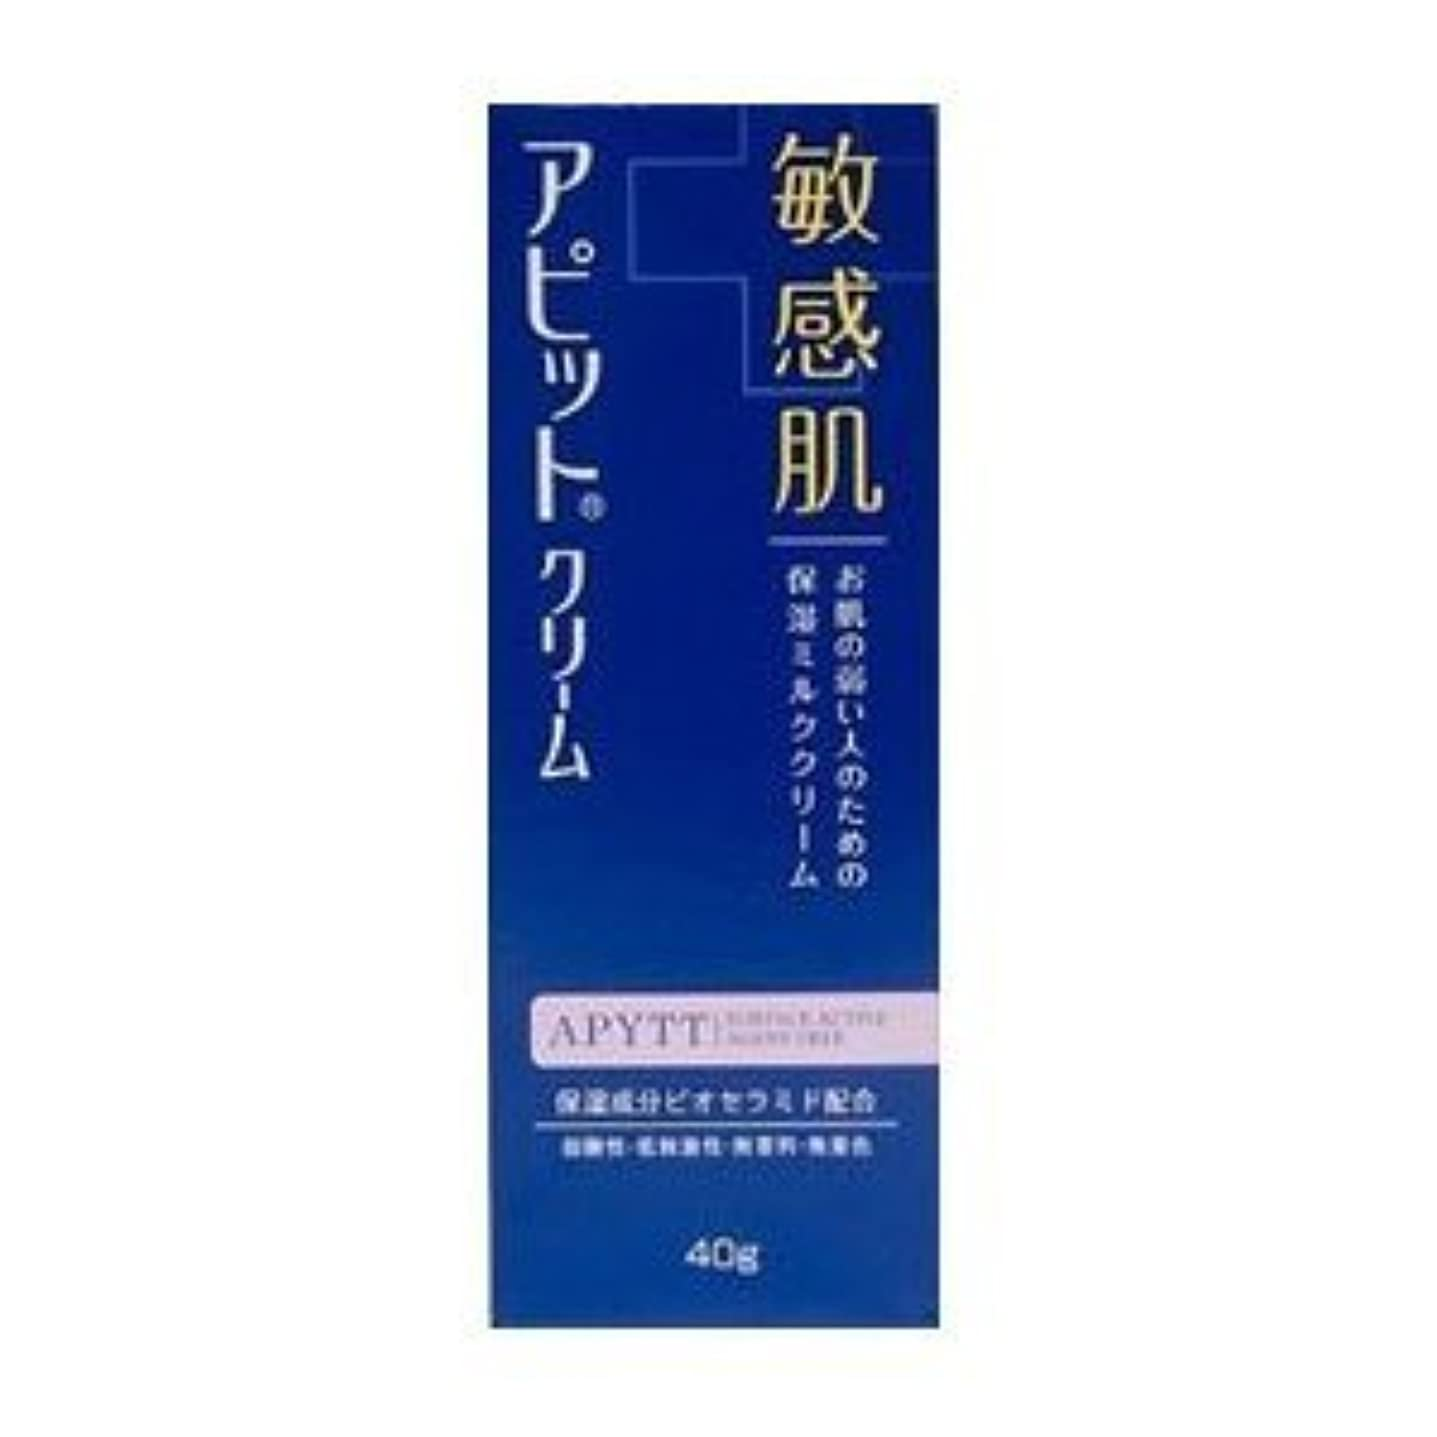 ブロックジャーナルラバ全薬工業 アピットクリーム 40g×3個セット (医薬部外品)